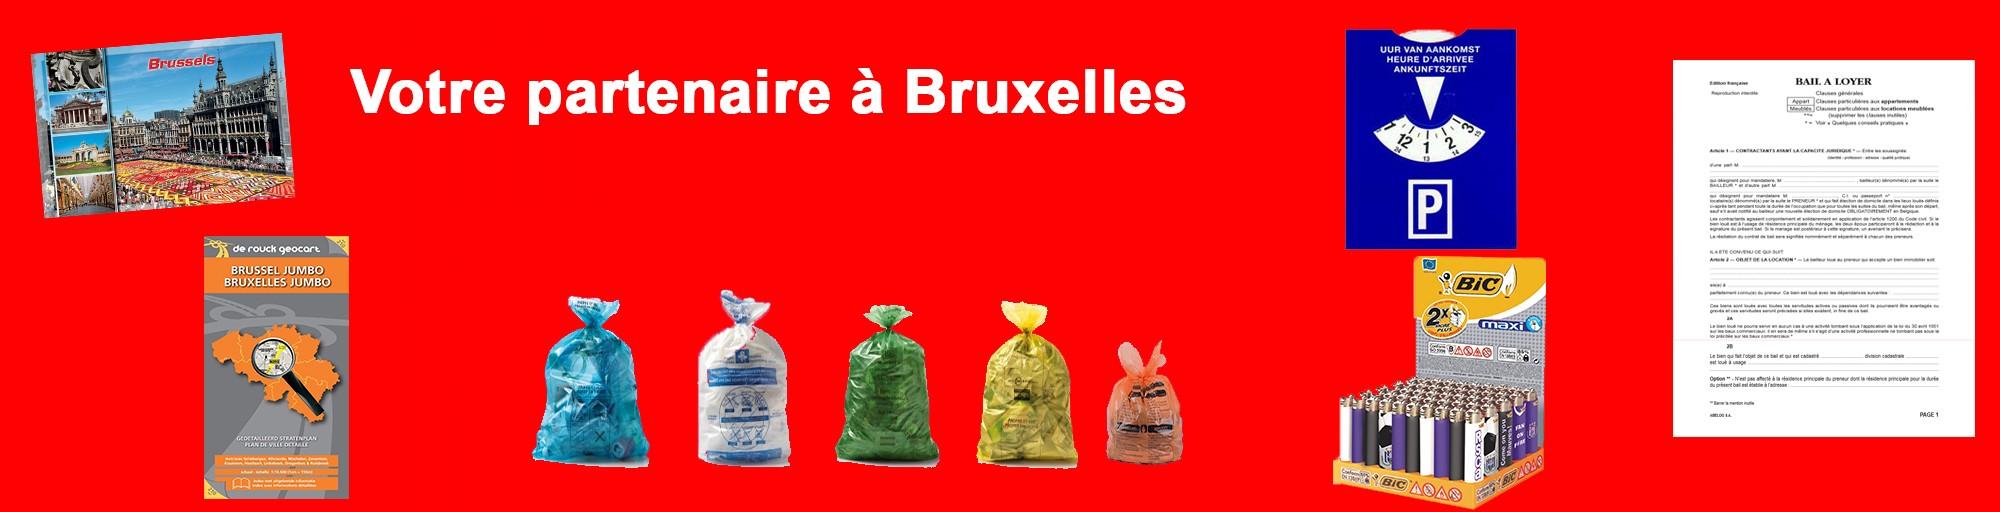 Partenaire Bruxelles